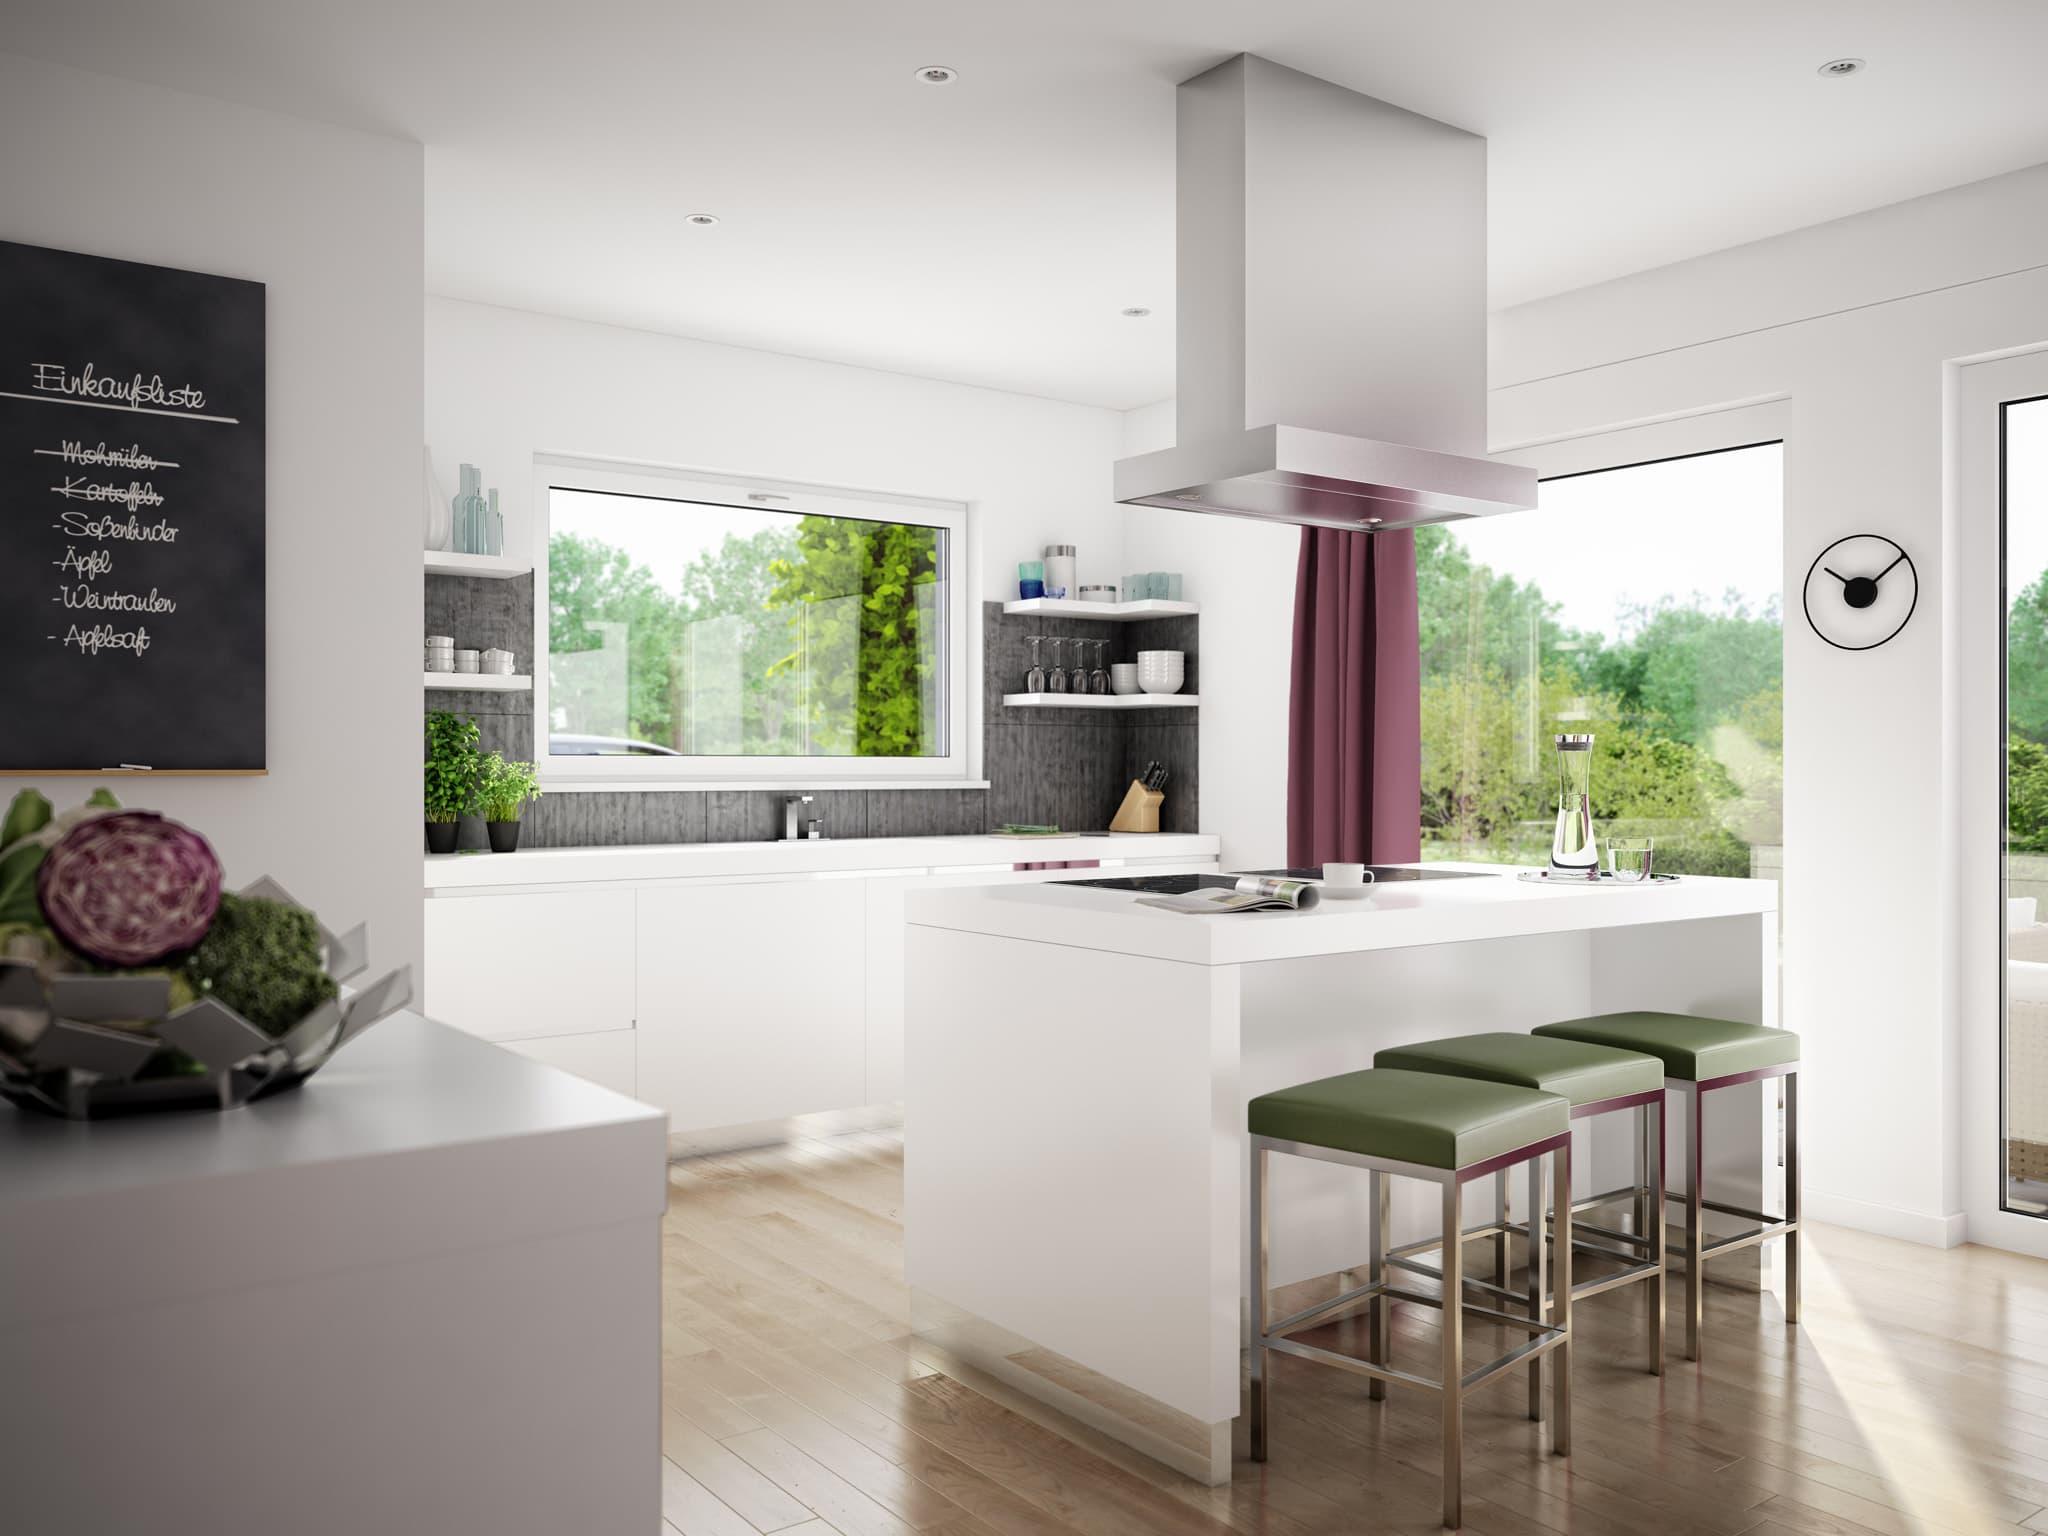 Offene Küche modern mit Kochinsel & Theke - Inneneinrichtung Fertighaus Stadtvilla Ideen Einfamilienhaus EVOLUTION 122 V10 von Bien Zenker - HausbauDirekt.de